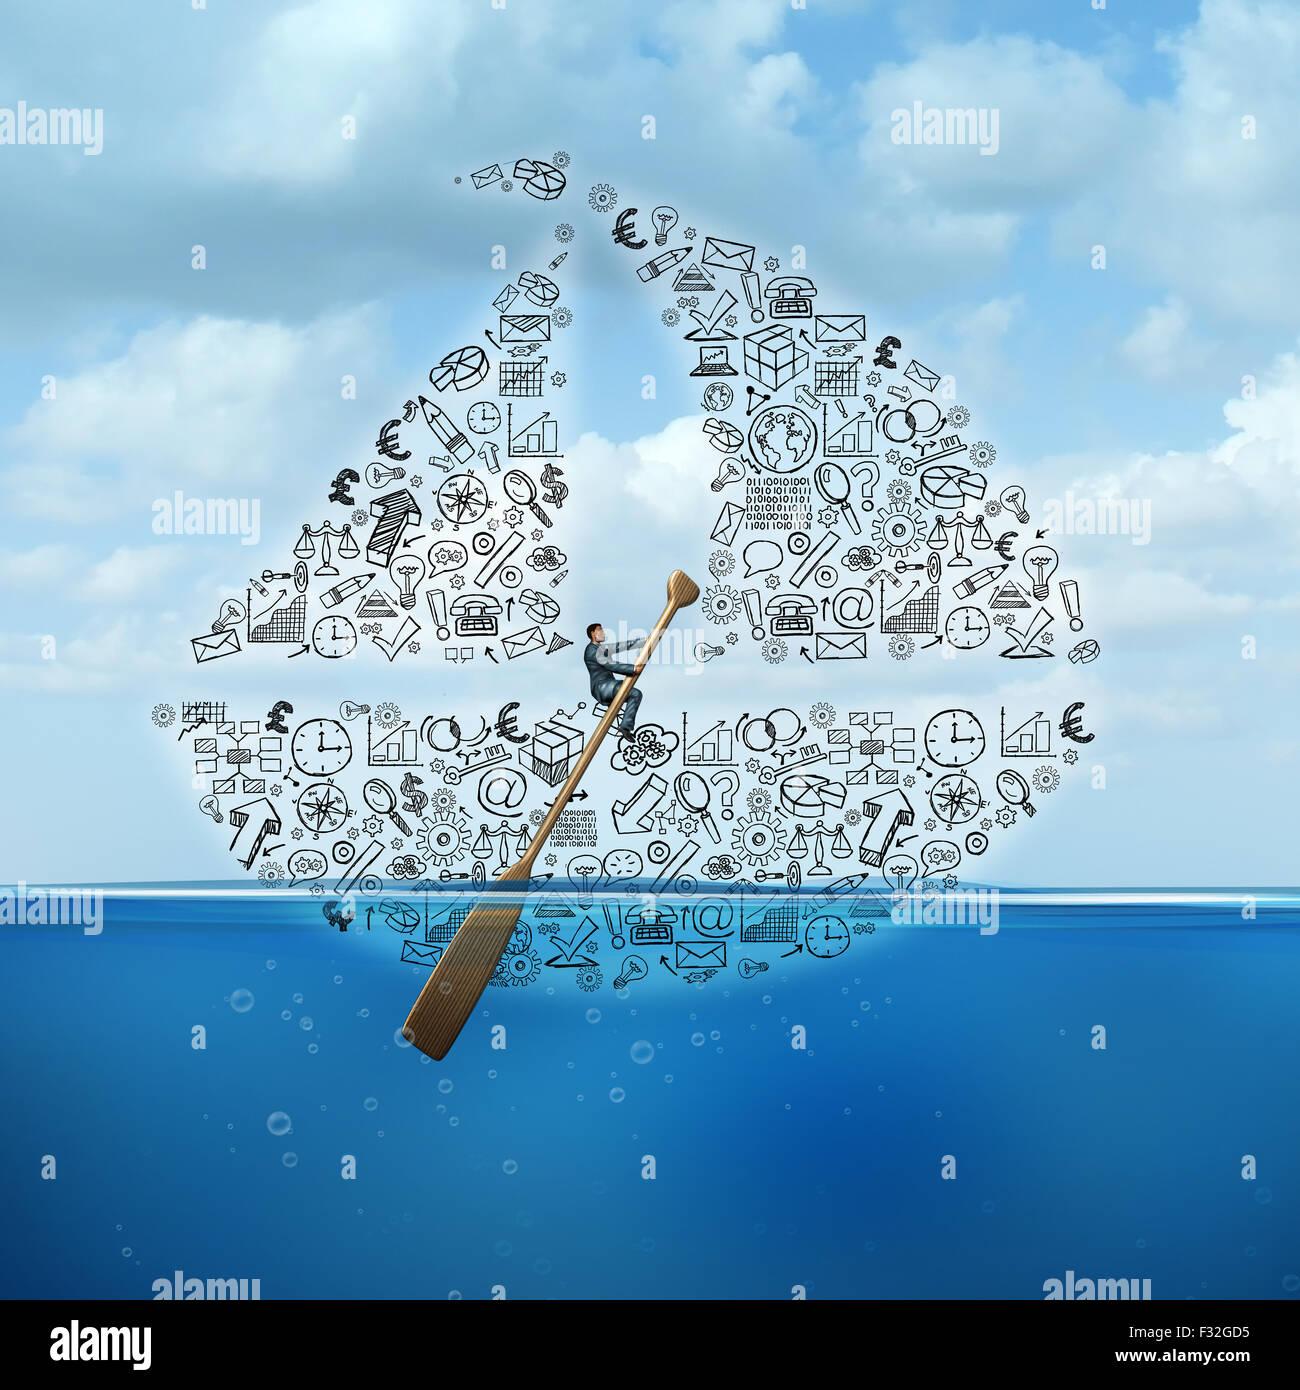 Consulenza aziendale e consulenza strategica come un uomo d affari con lo sterzo di una barca a vela fatta di società Immagini Stock